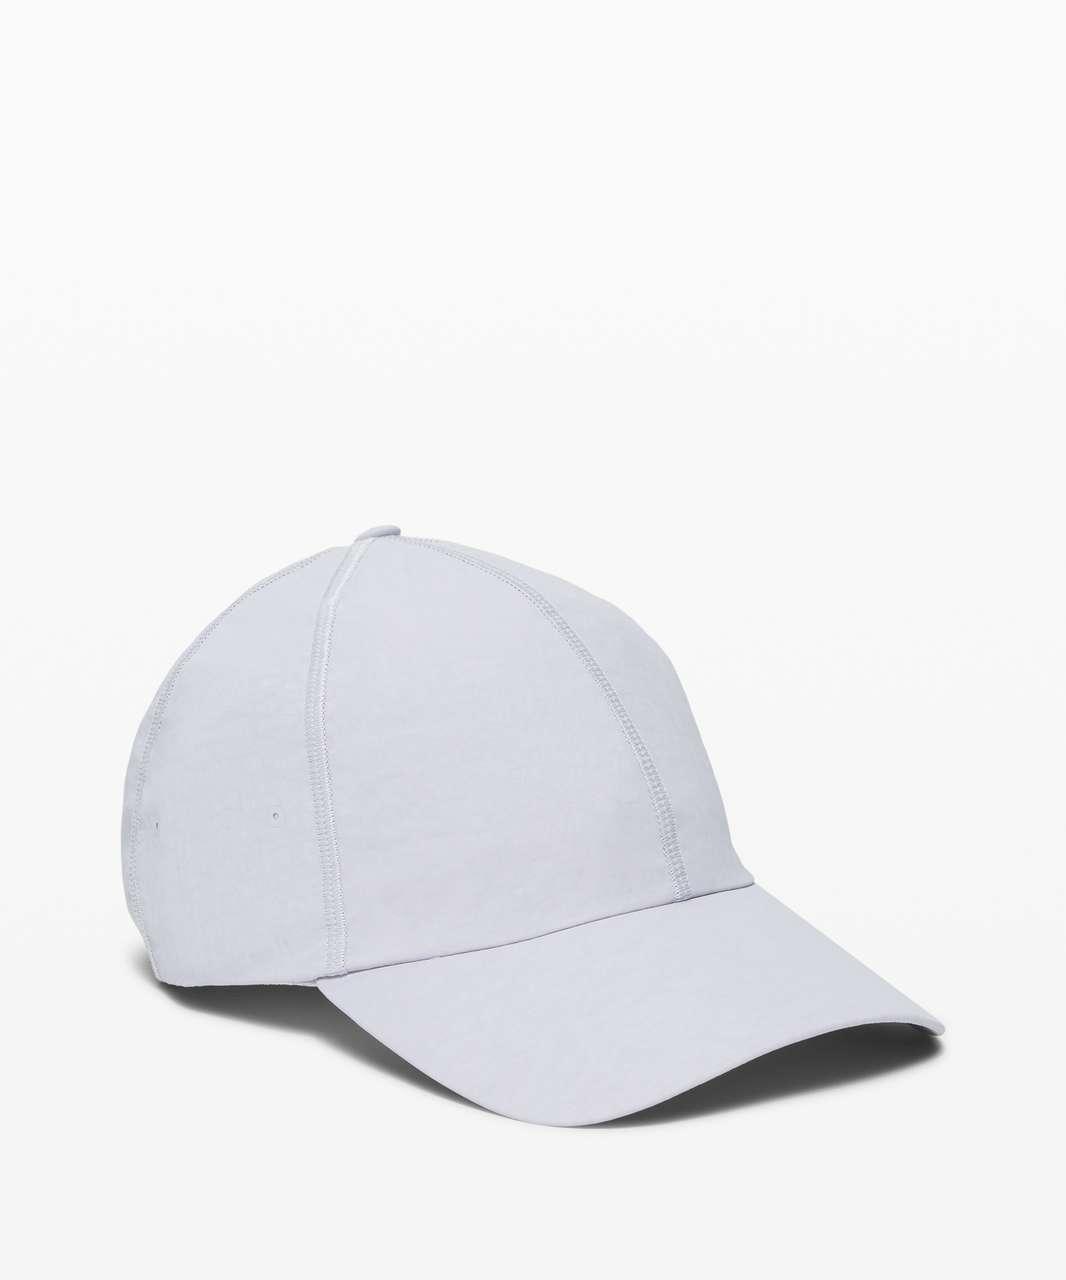 Lululemon Baller Hat II *Soft - Stargaze